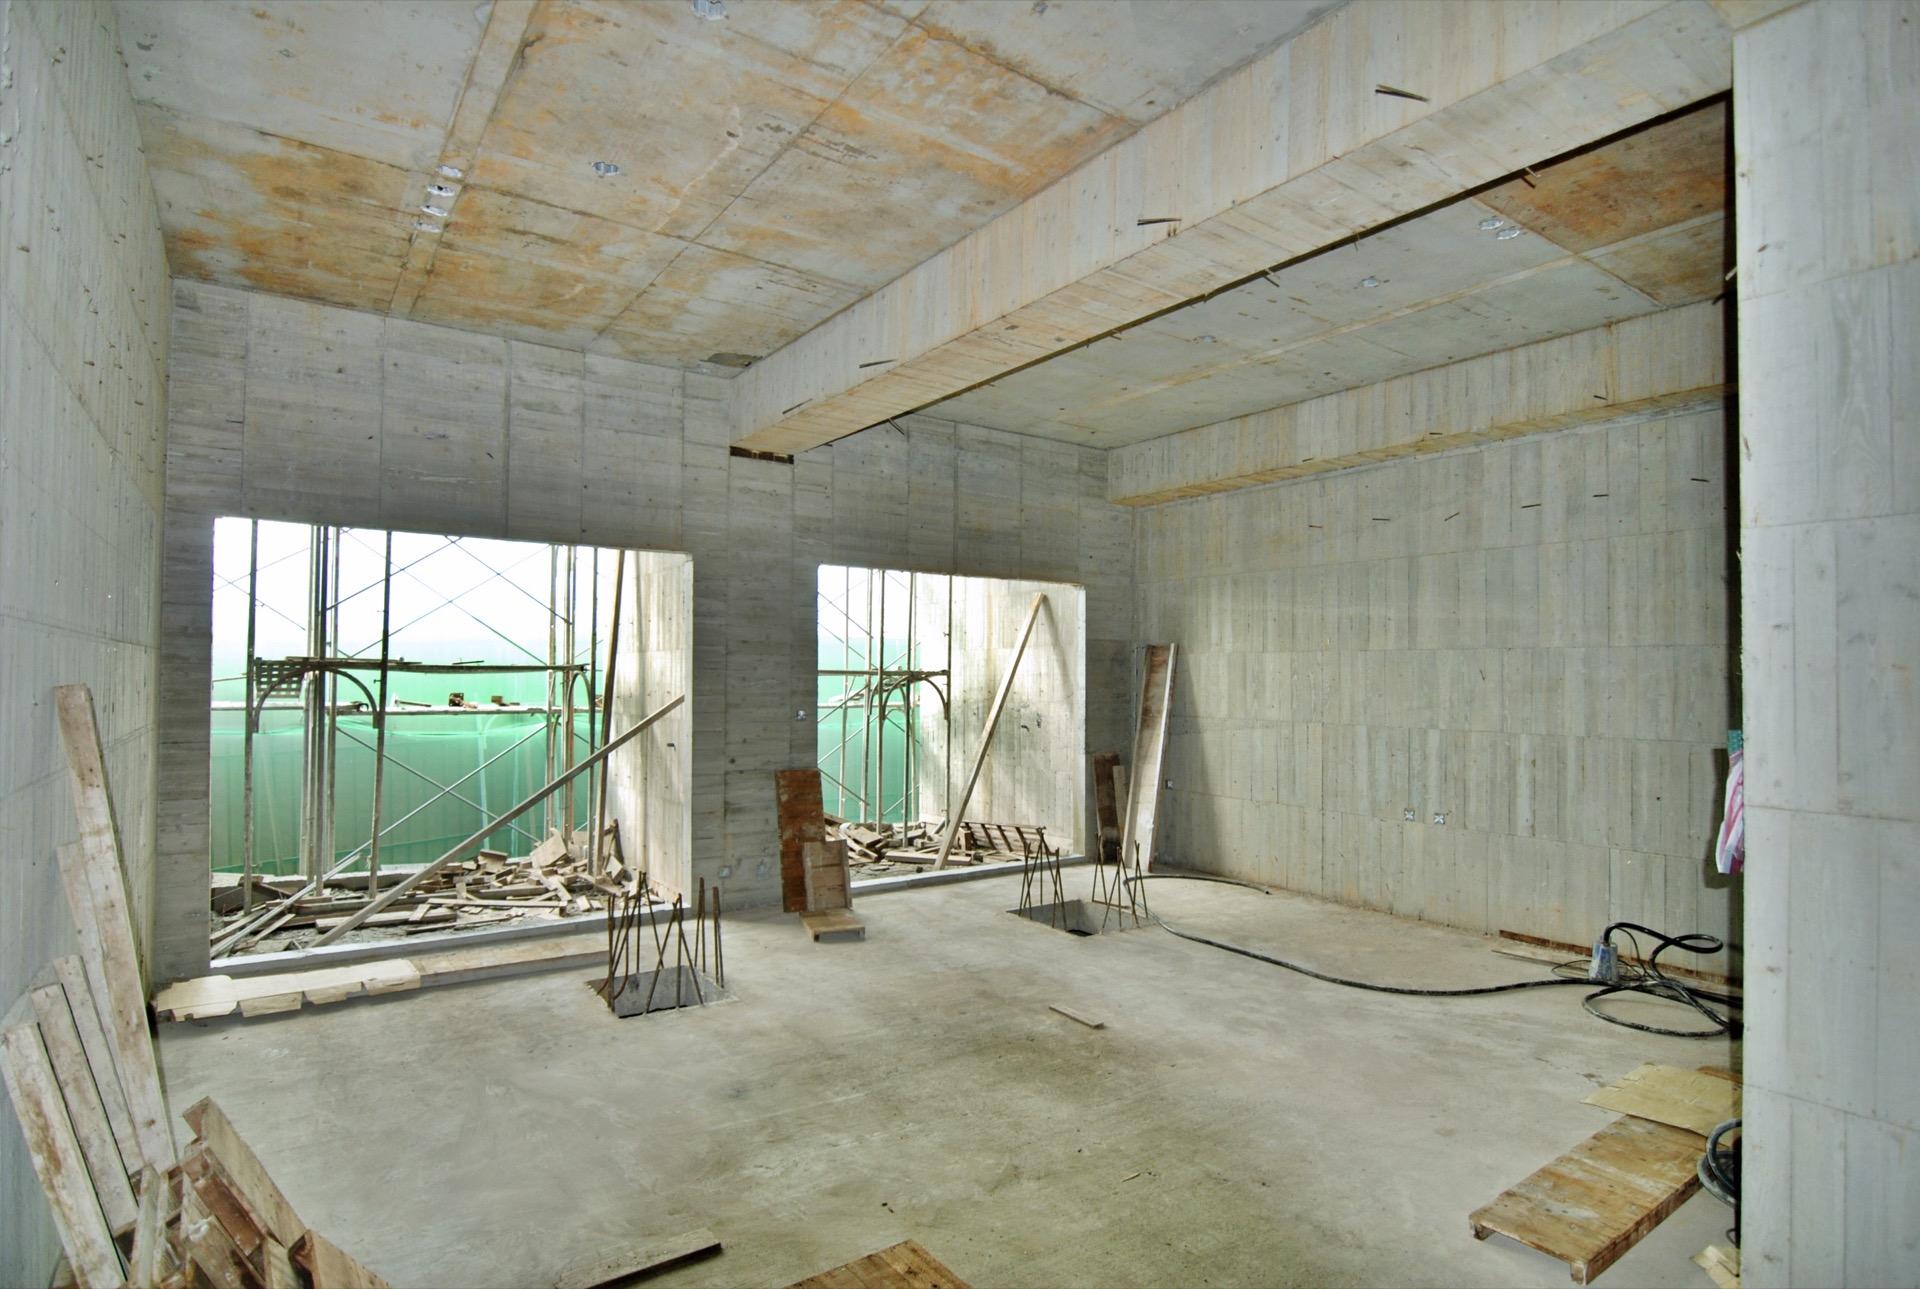 德築-DEZU-project-Zutian-architecture-real-estate-engineering-28